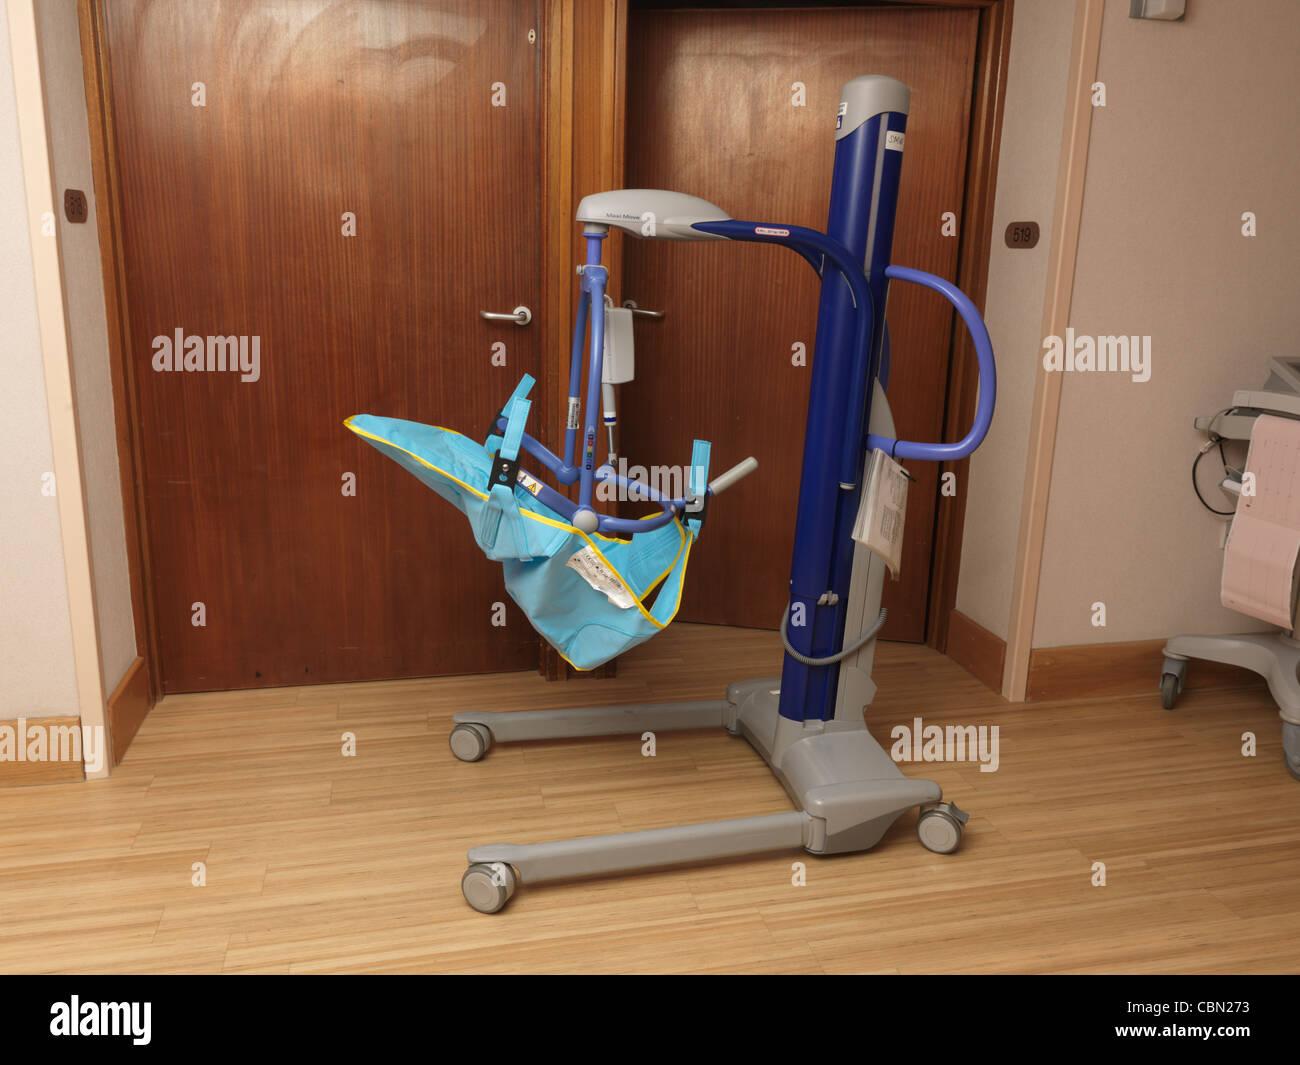 Hoist Patient Stock Photos & Hoist Patient Stock Images - Alamy